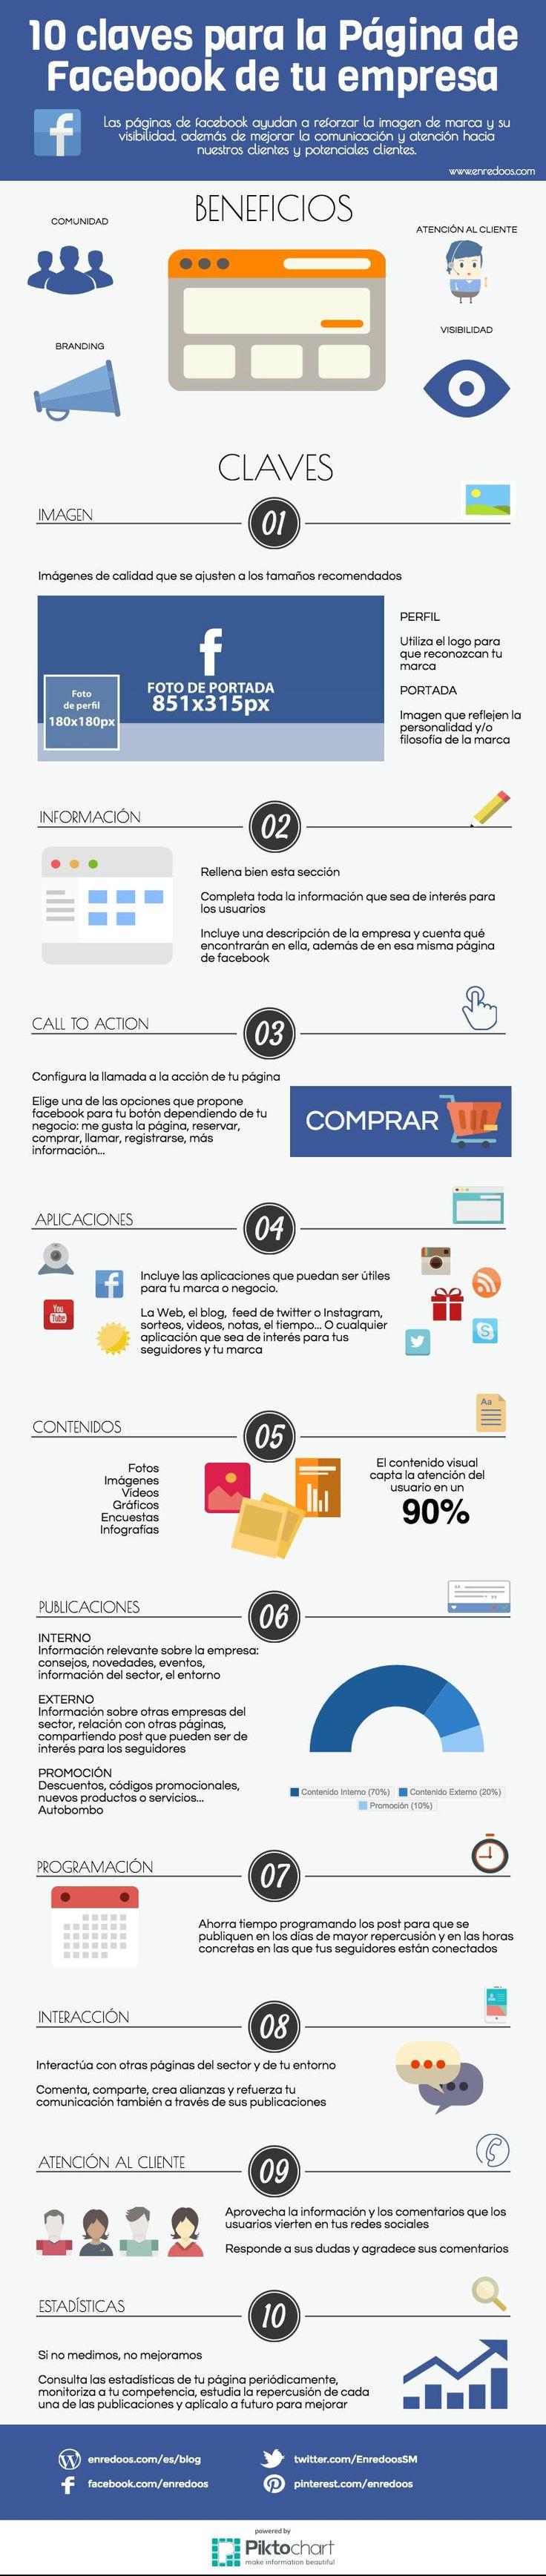 10 Claves para la página de Facebook de tu empresa #infografía #infographic #Facebook